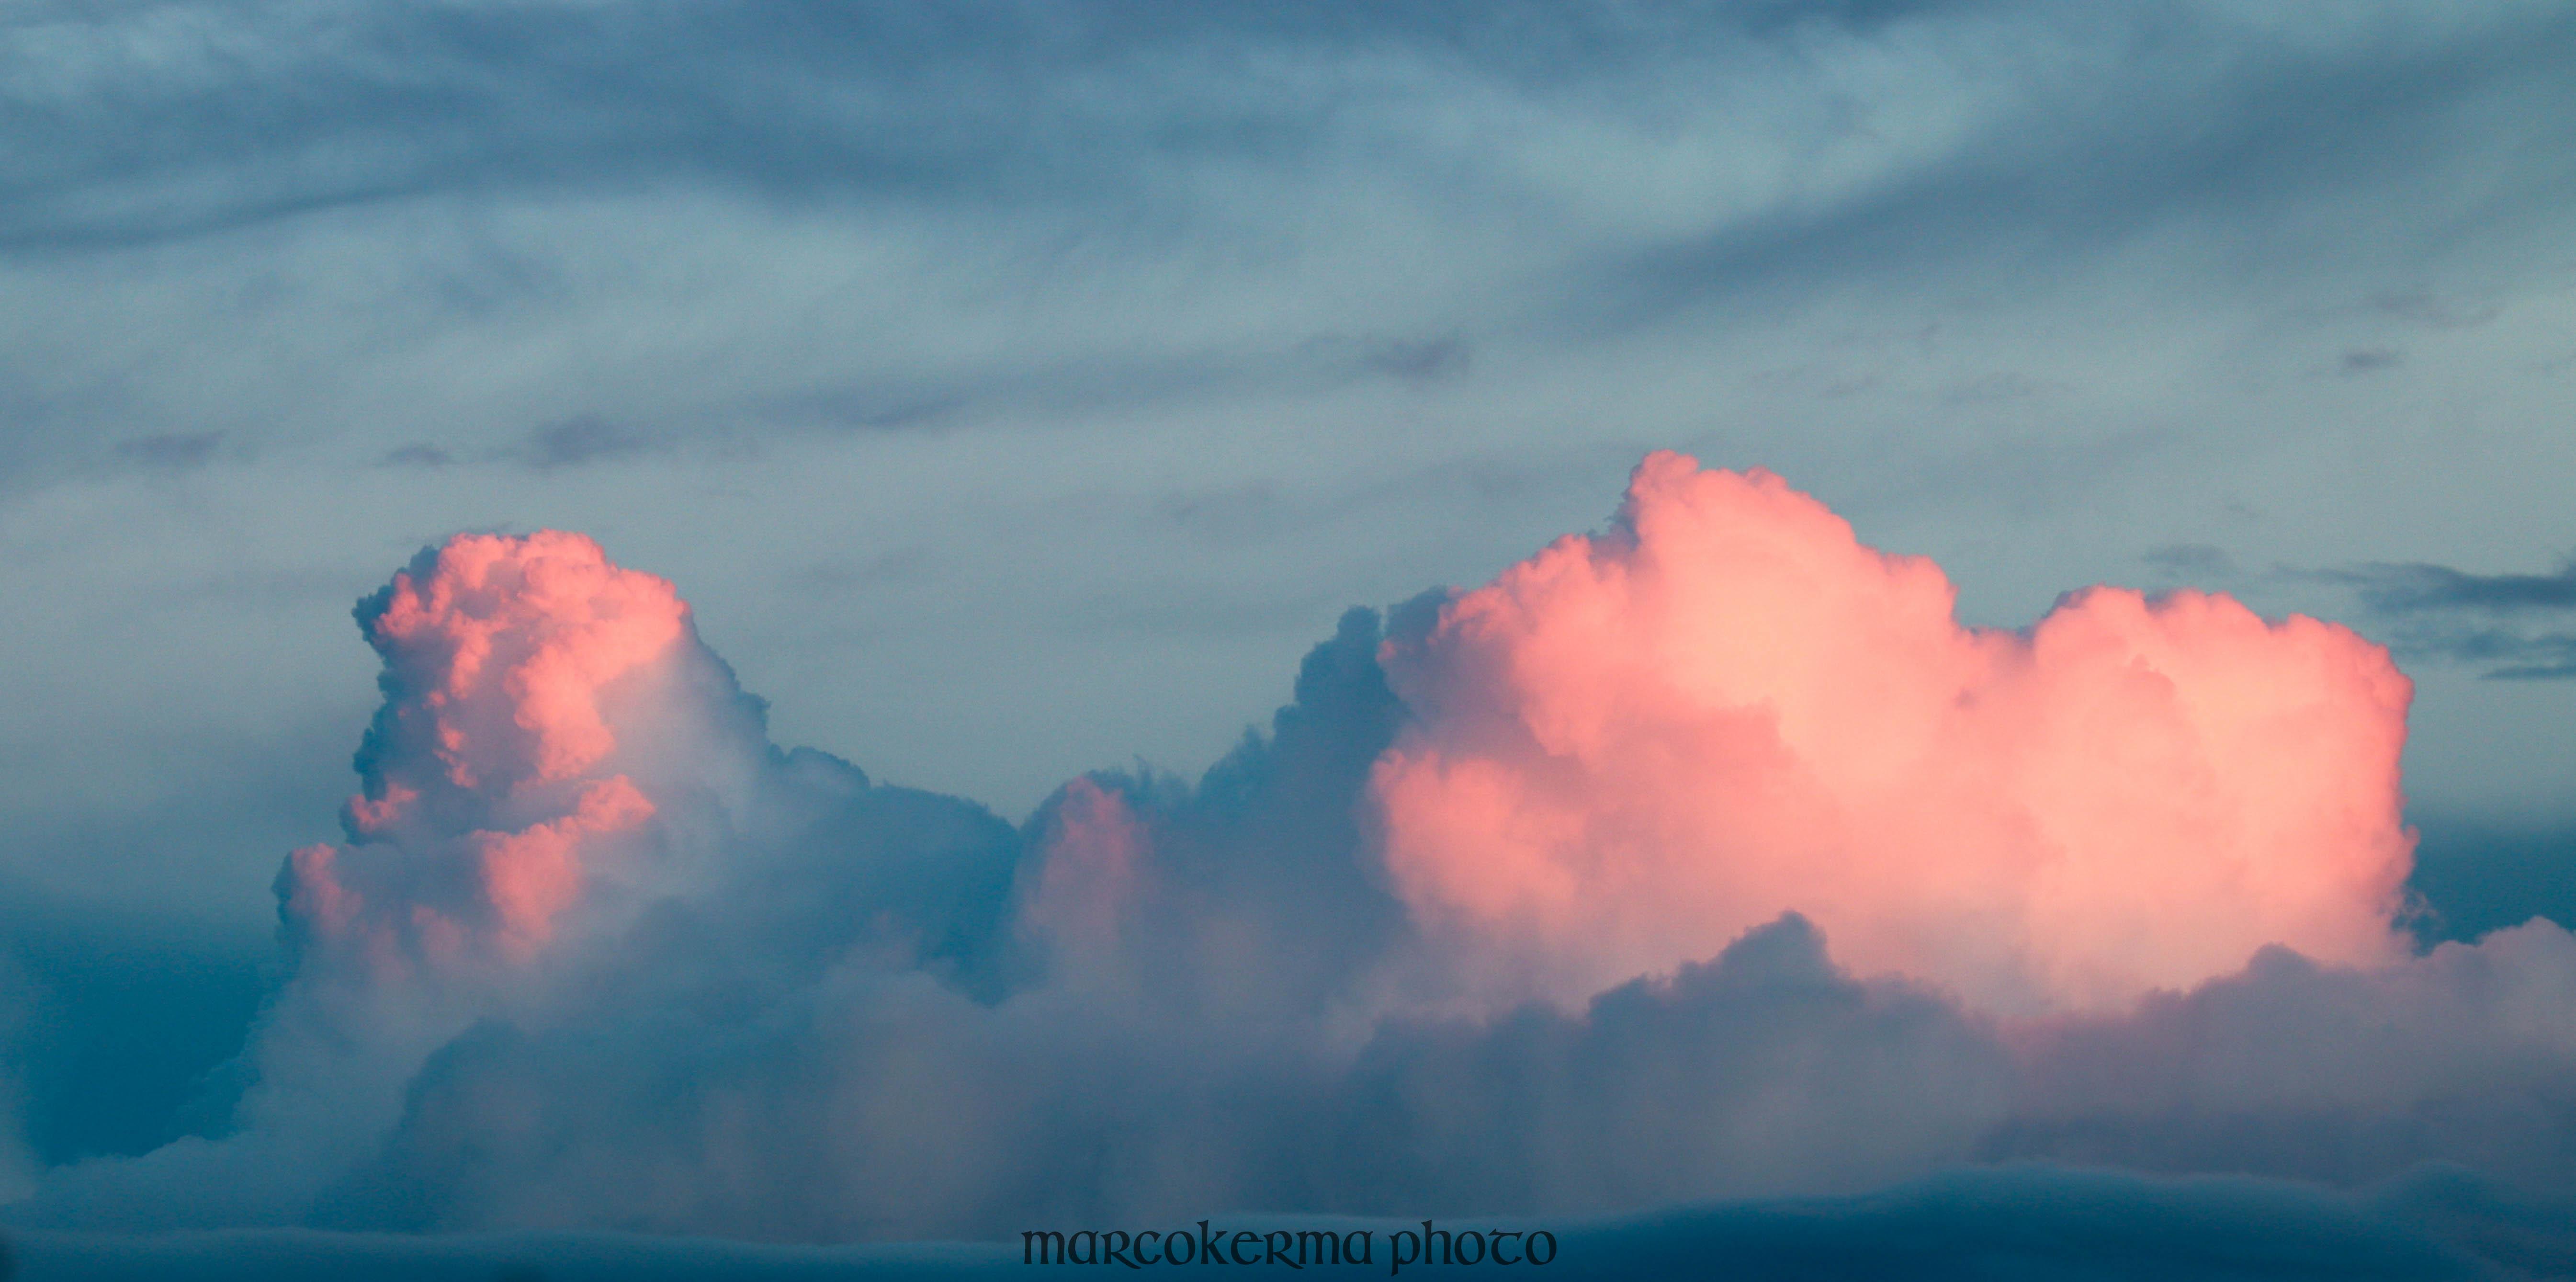 nuages 10 juin 19, 22h05